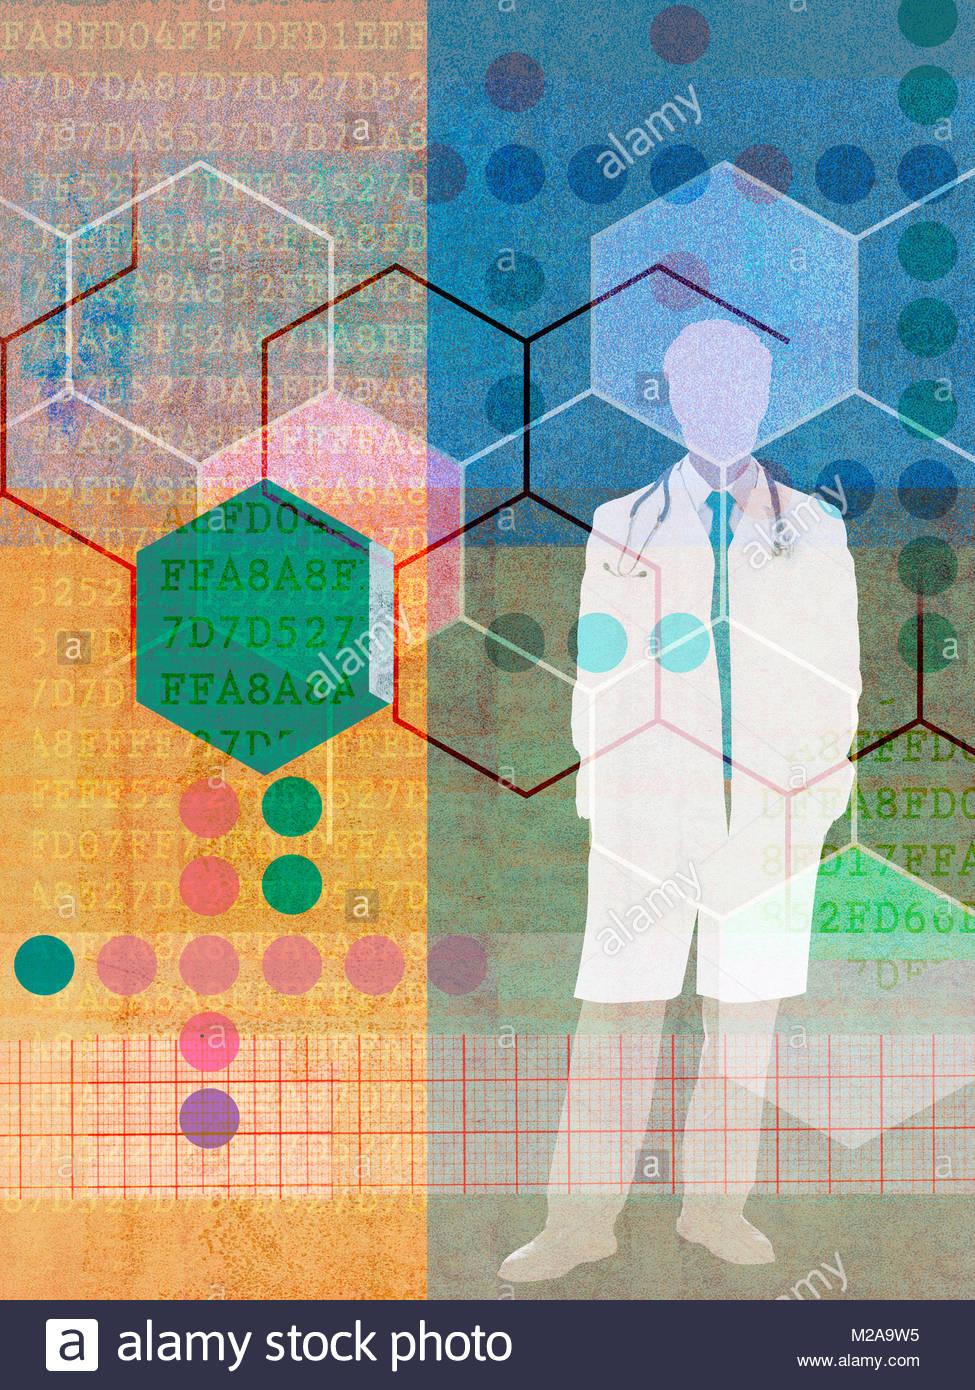 Arzt und angeschlossenen Mustern und Codenummern in der medizinischen Forschung collage Stockbild